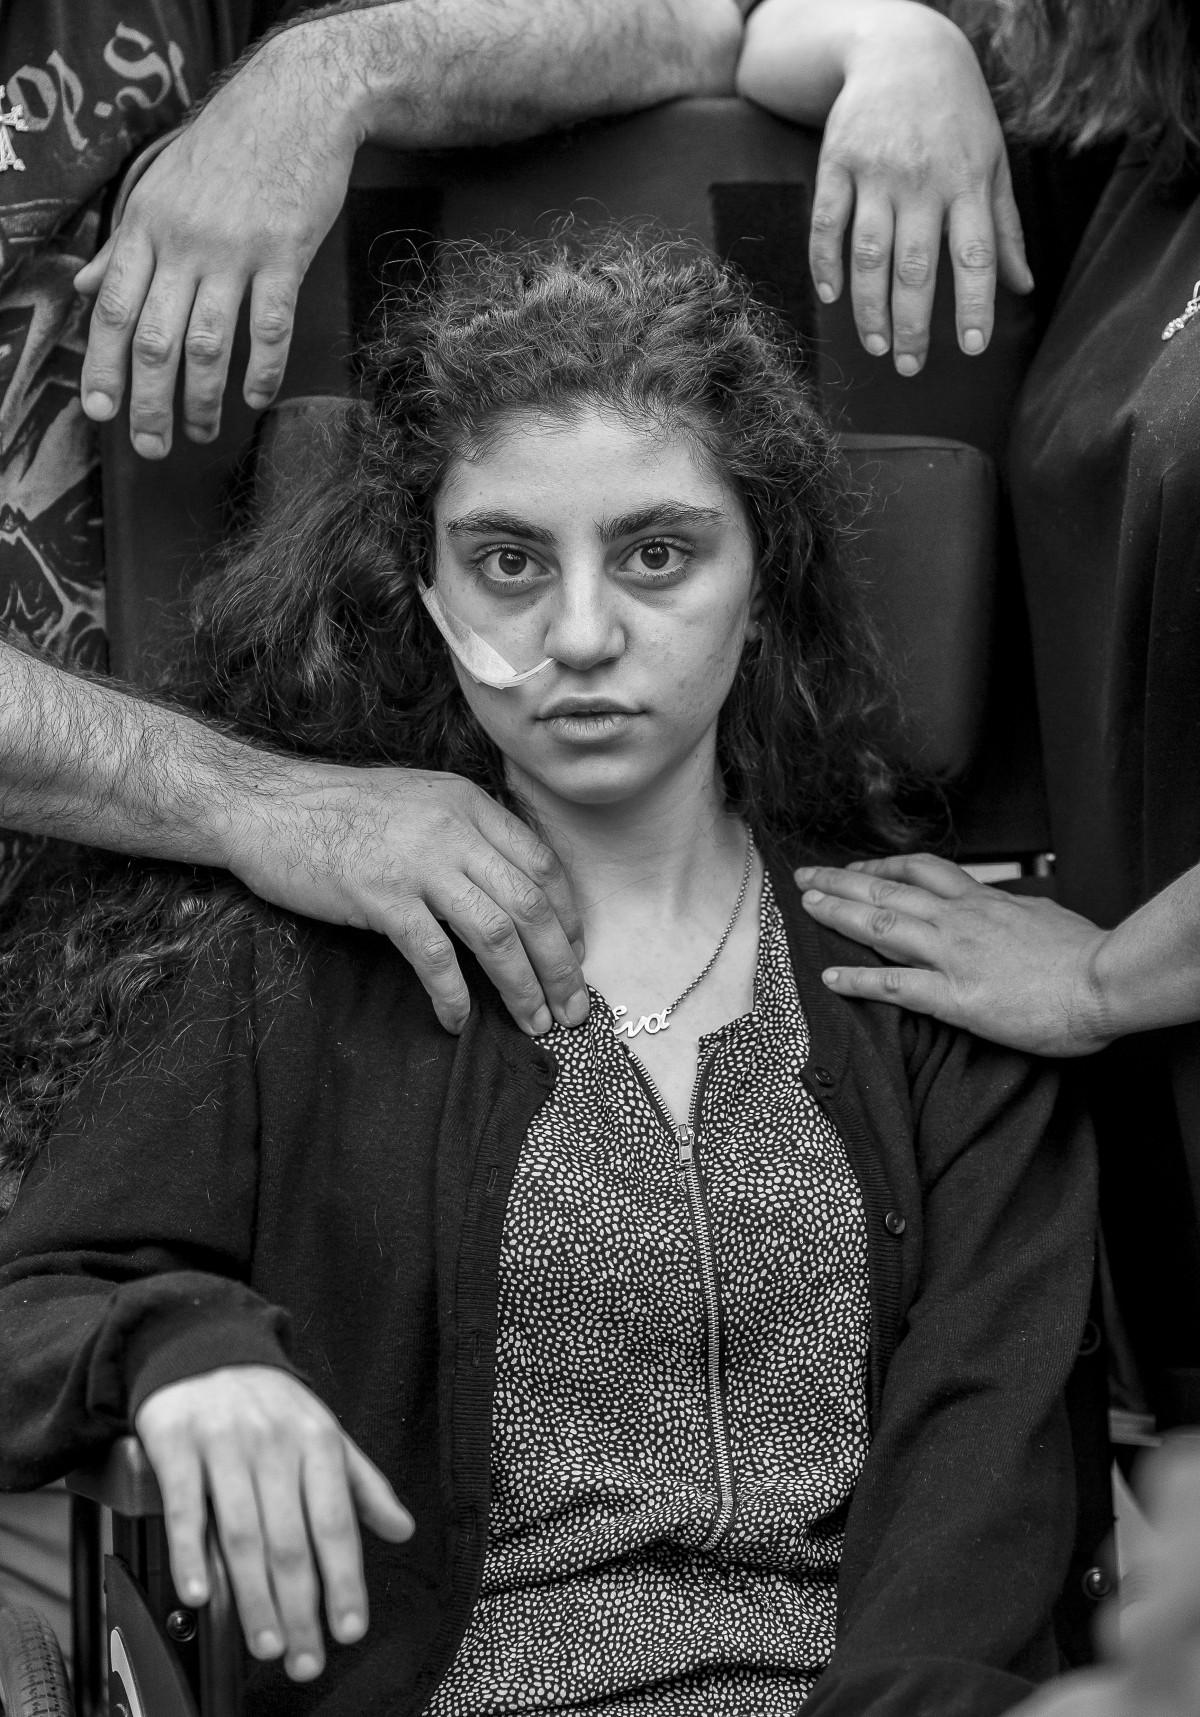 """Fot. Tomasz Kaczor / Gazeta Wyborcza, """"Awakening"""", 1. miejsce w kategorii Portret / World Press Photo 2020"""